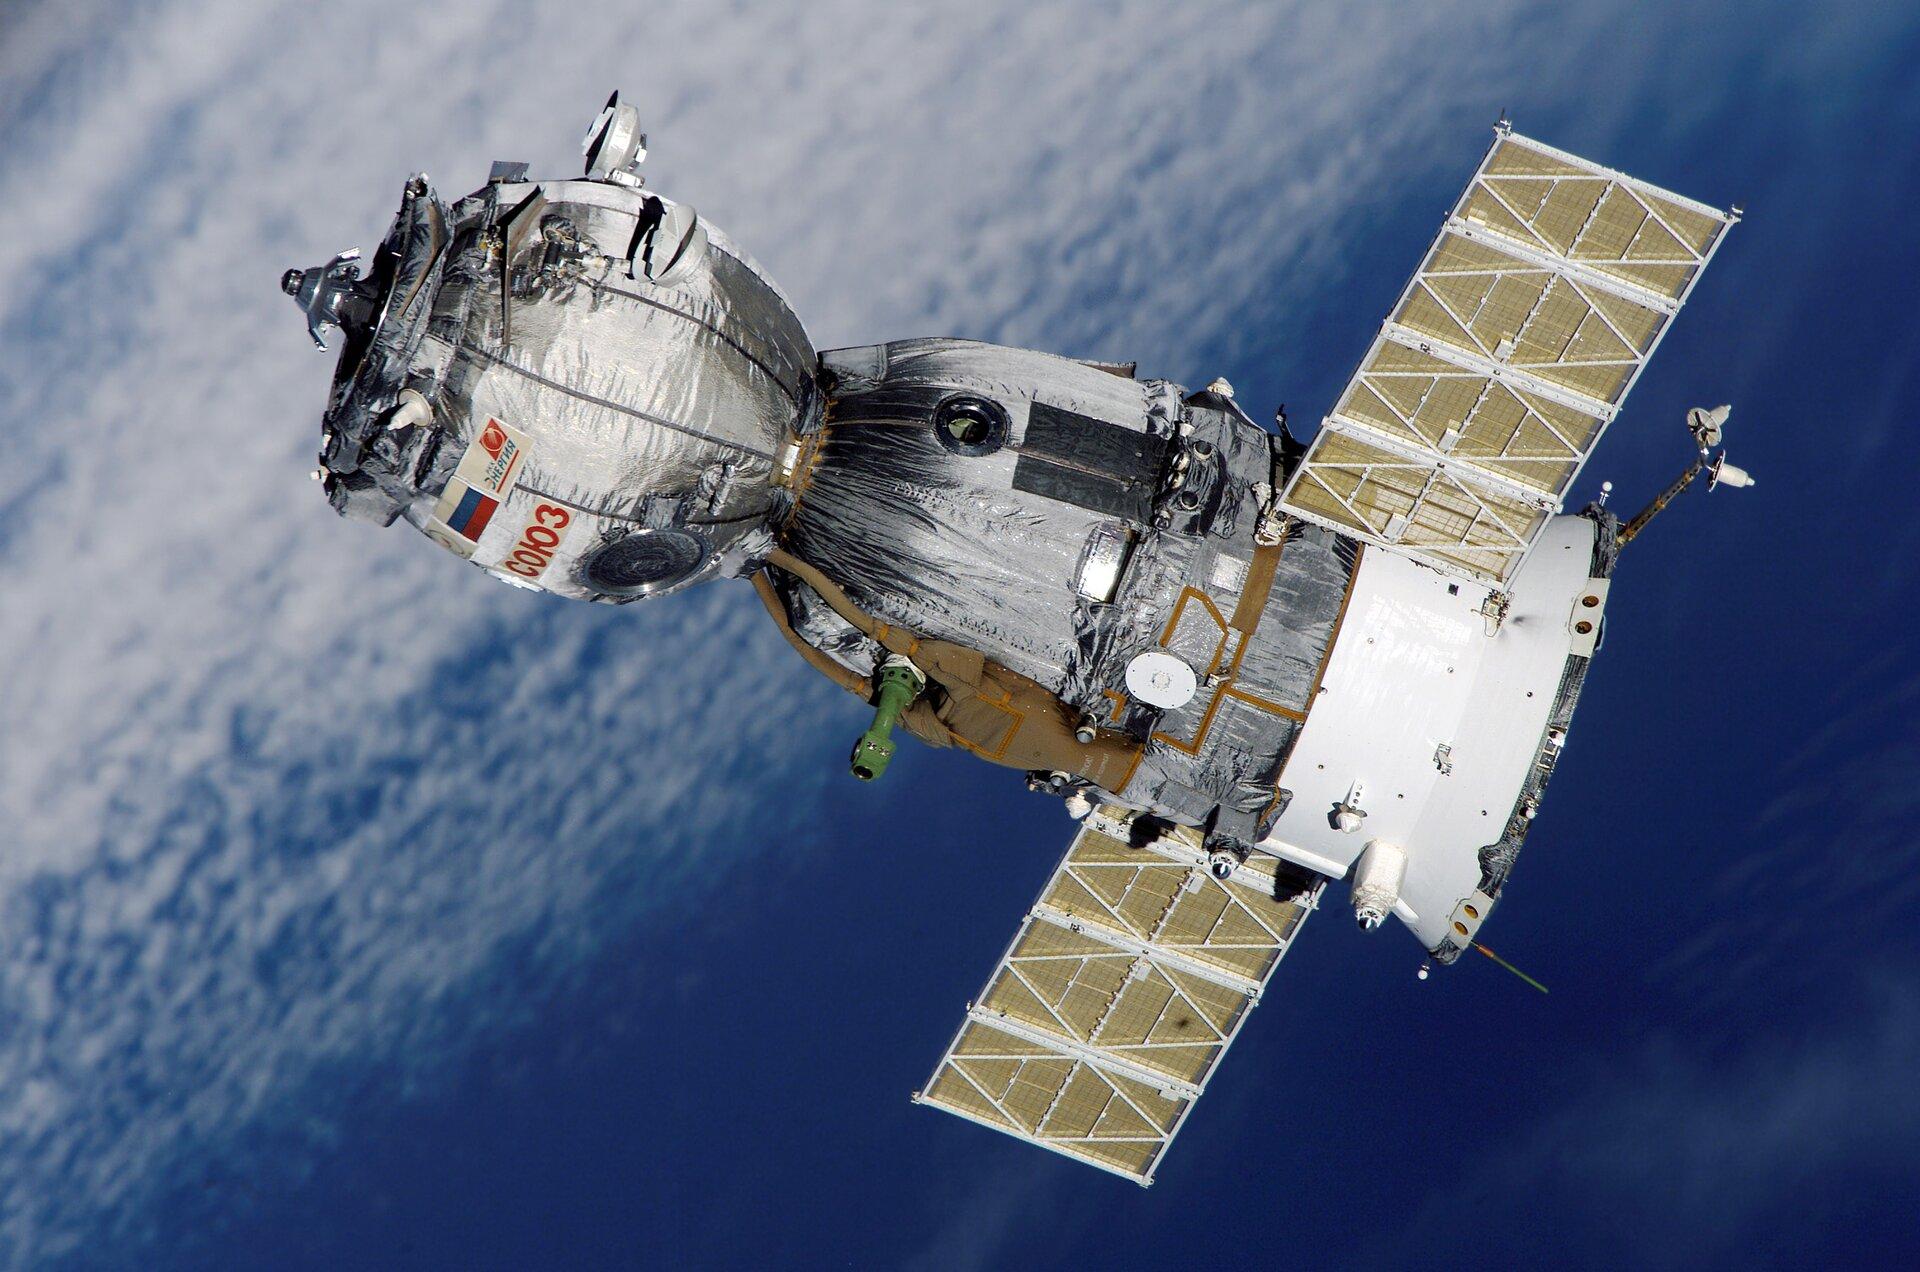 Fotografia prezentuje statek kosmiczny poruszający się wprzestrzeni okołoziemskiej. Satelita ma kształt cylindra zprzewężeniem wokolicach połowy jego długości. Po bokach satelity wystają prostokątne baterie słoneczne.